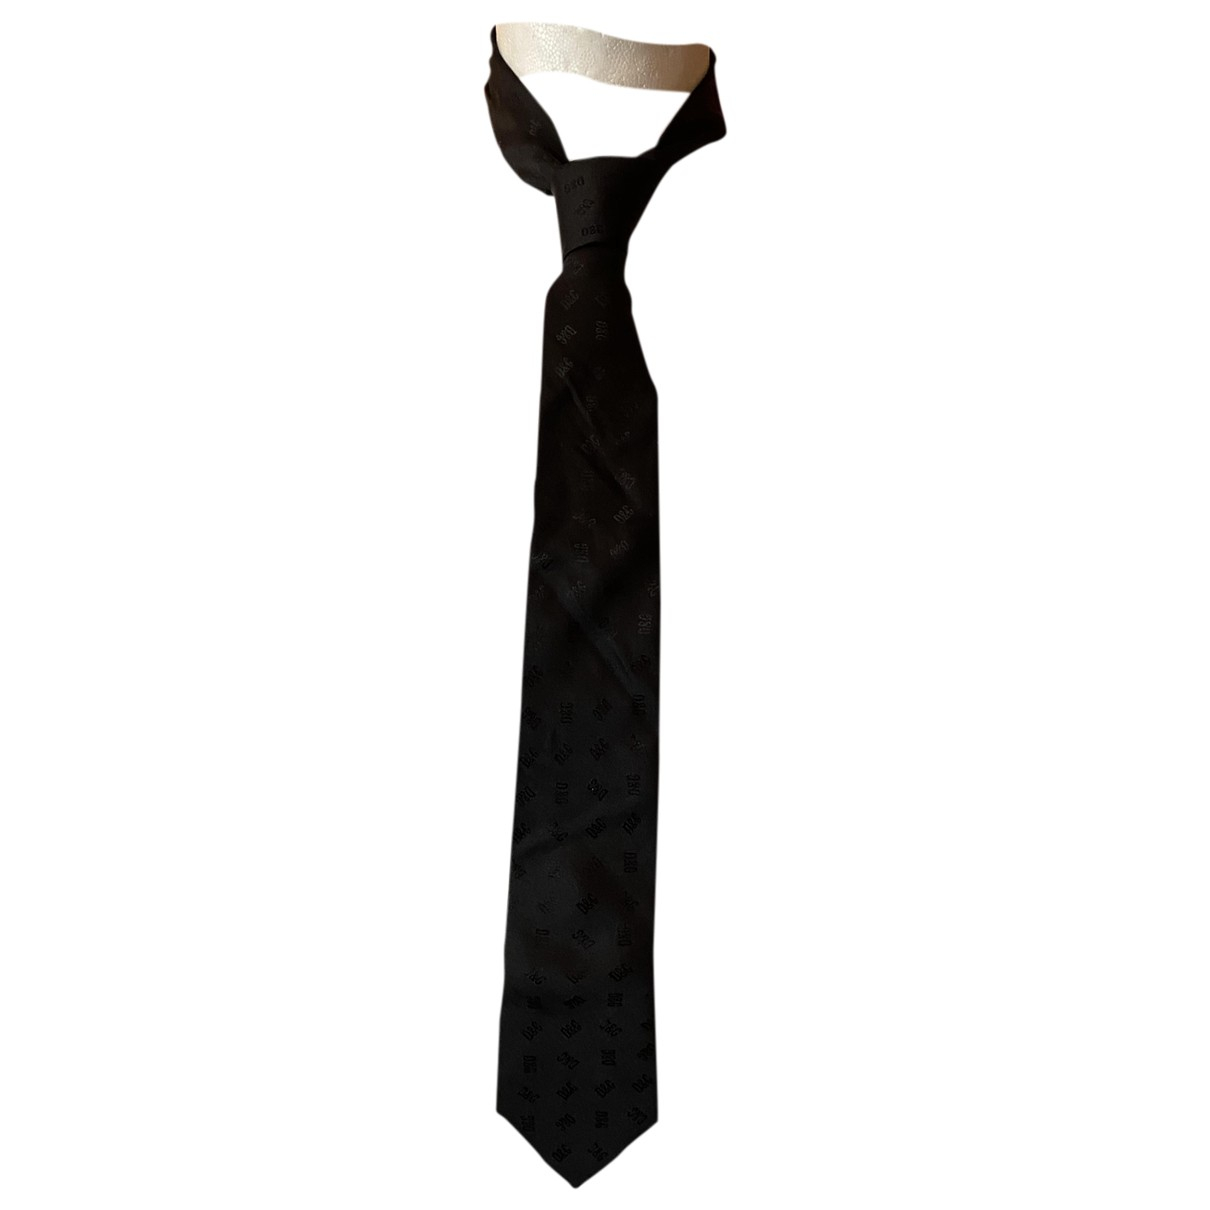 D&g - Cravates   pour homme en soie - noir